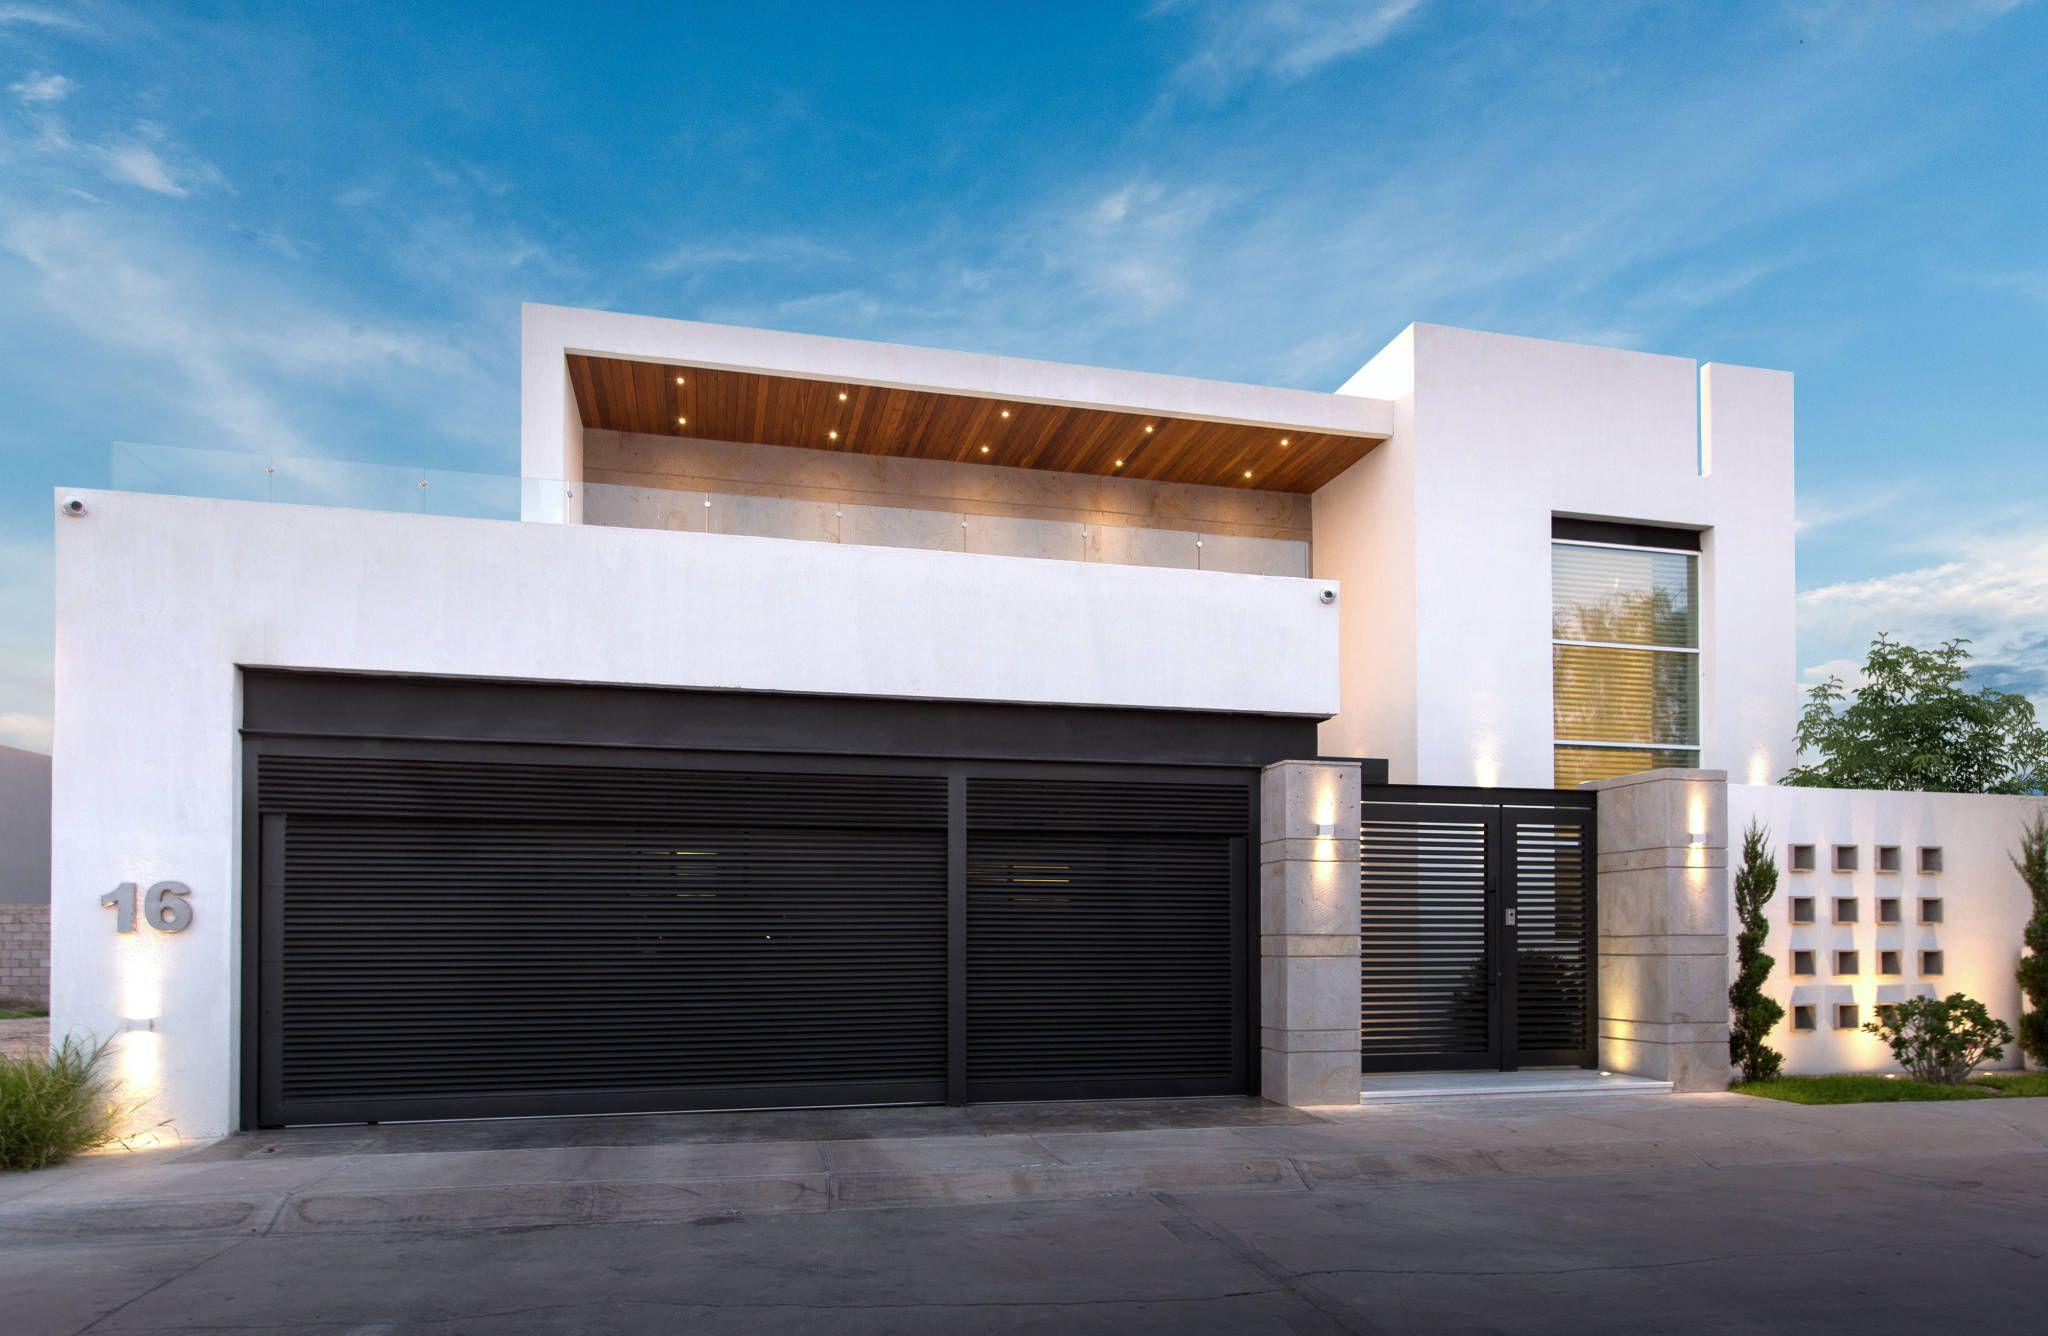 Fotos de casas de estilo moderno casa cg arquitectura for Estilos de casas arquitectura